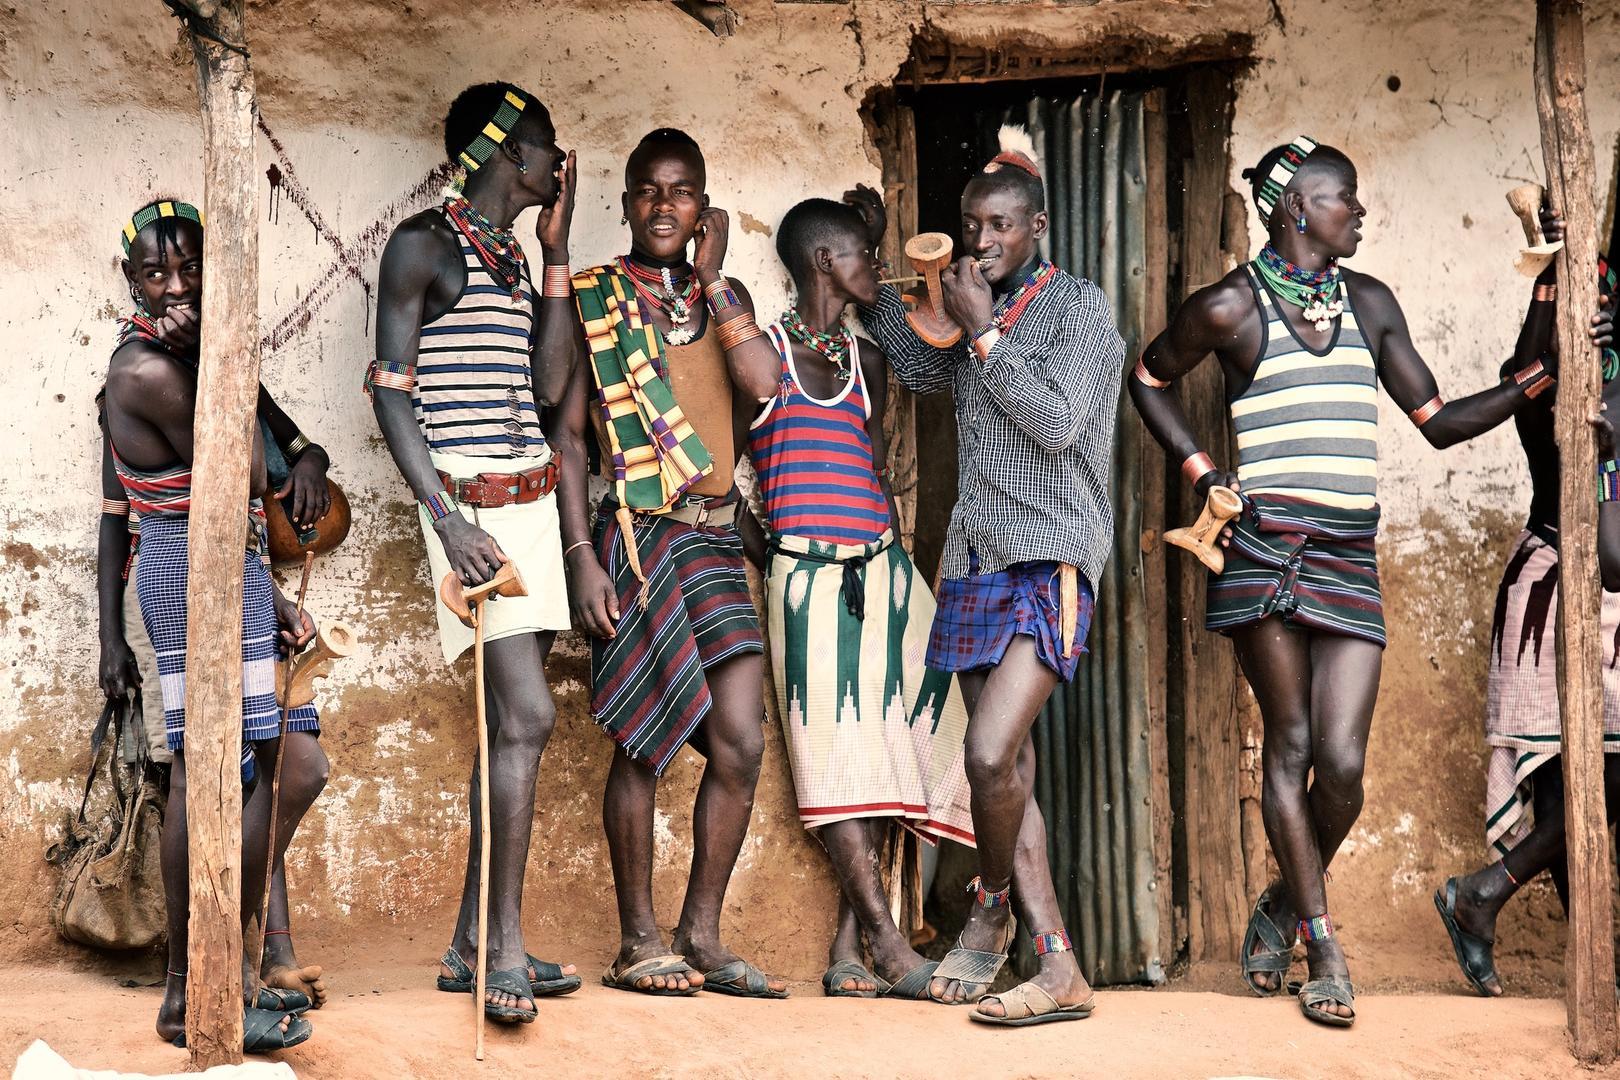 Мальчики вернулись в город, © Тревор Коул, 3 место экспертного мнения, Фотофестиваль FIX